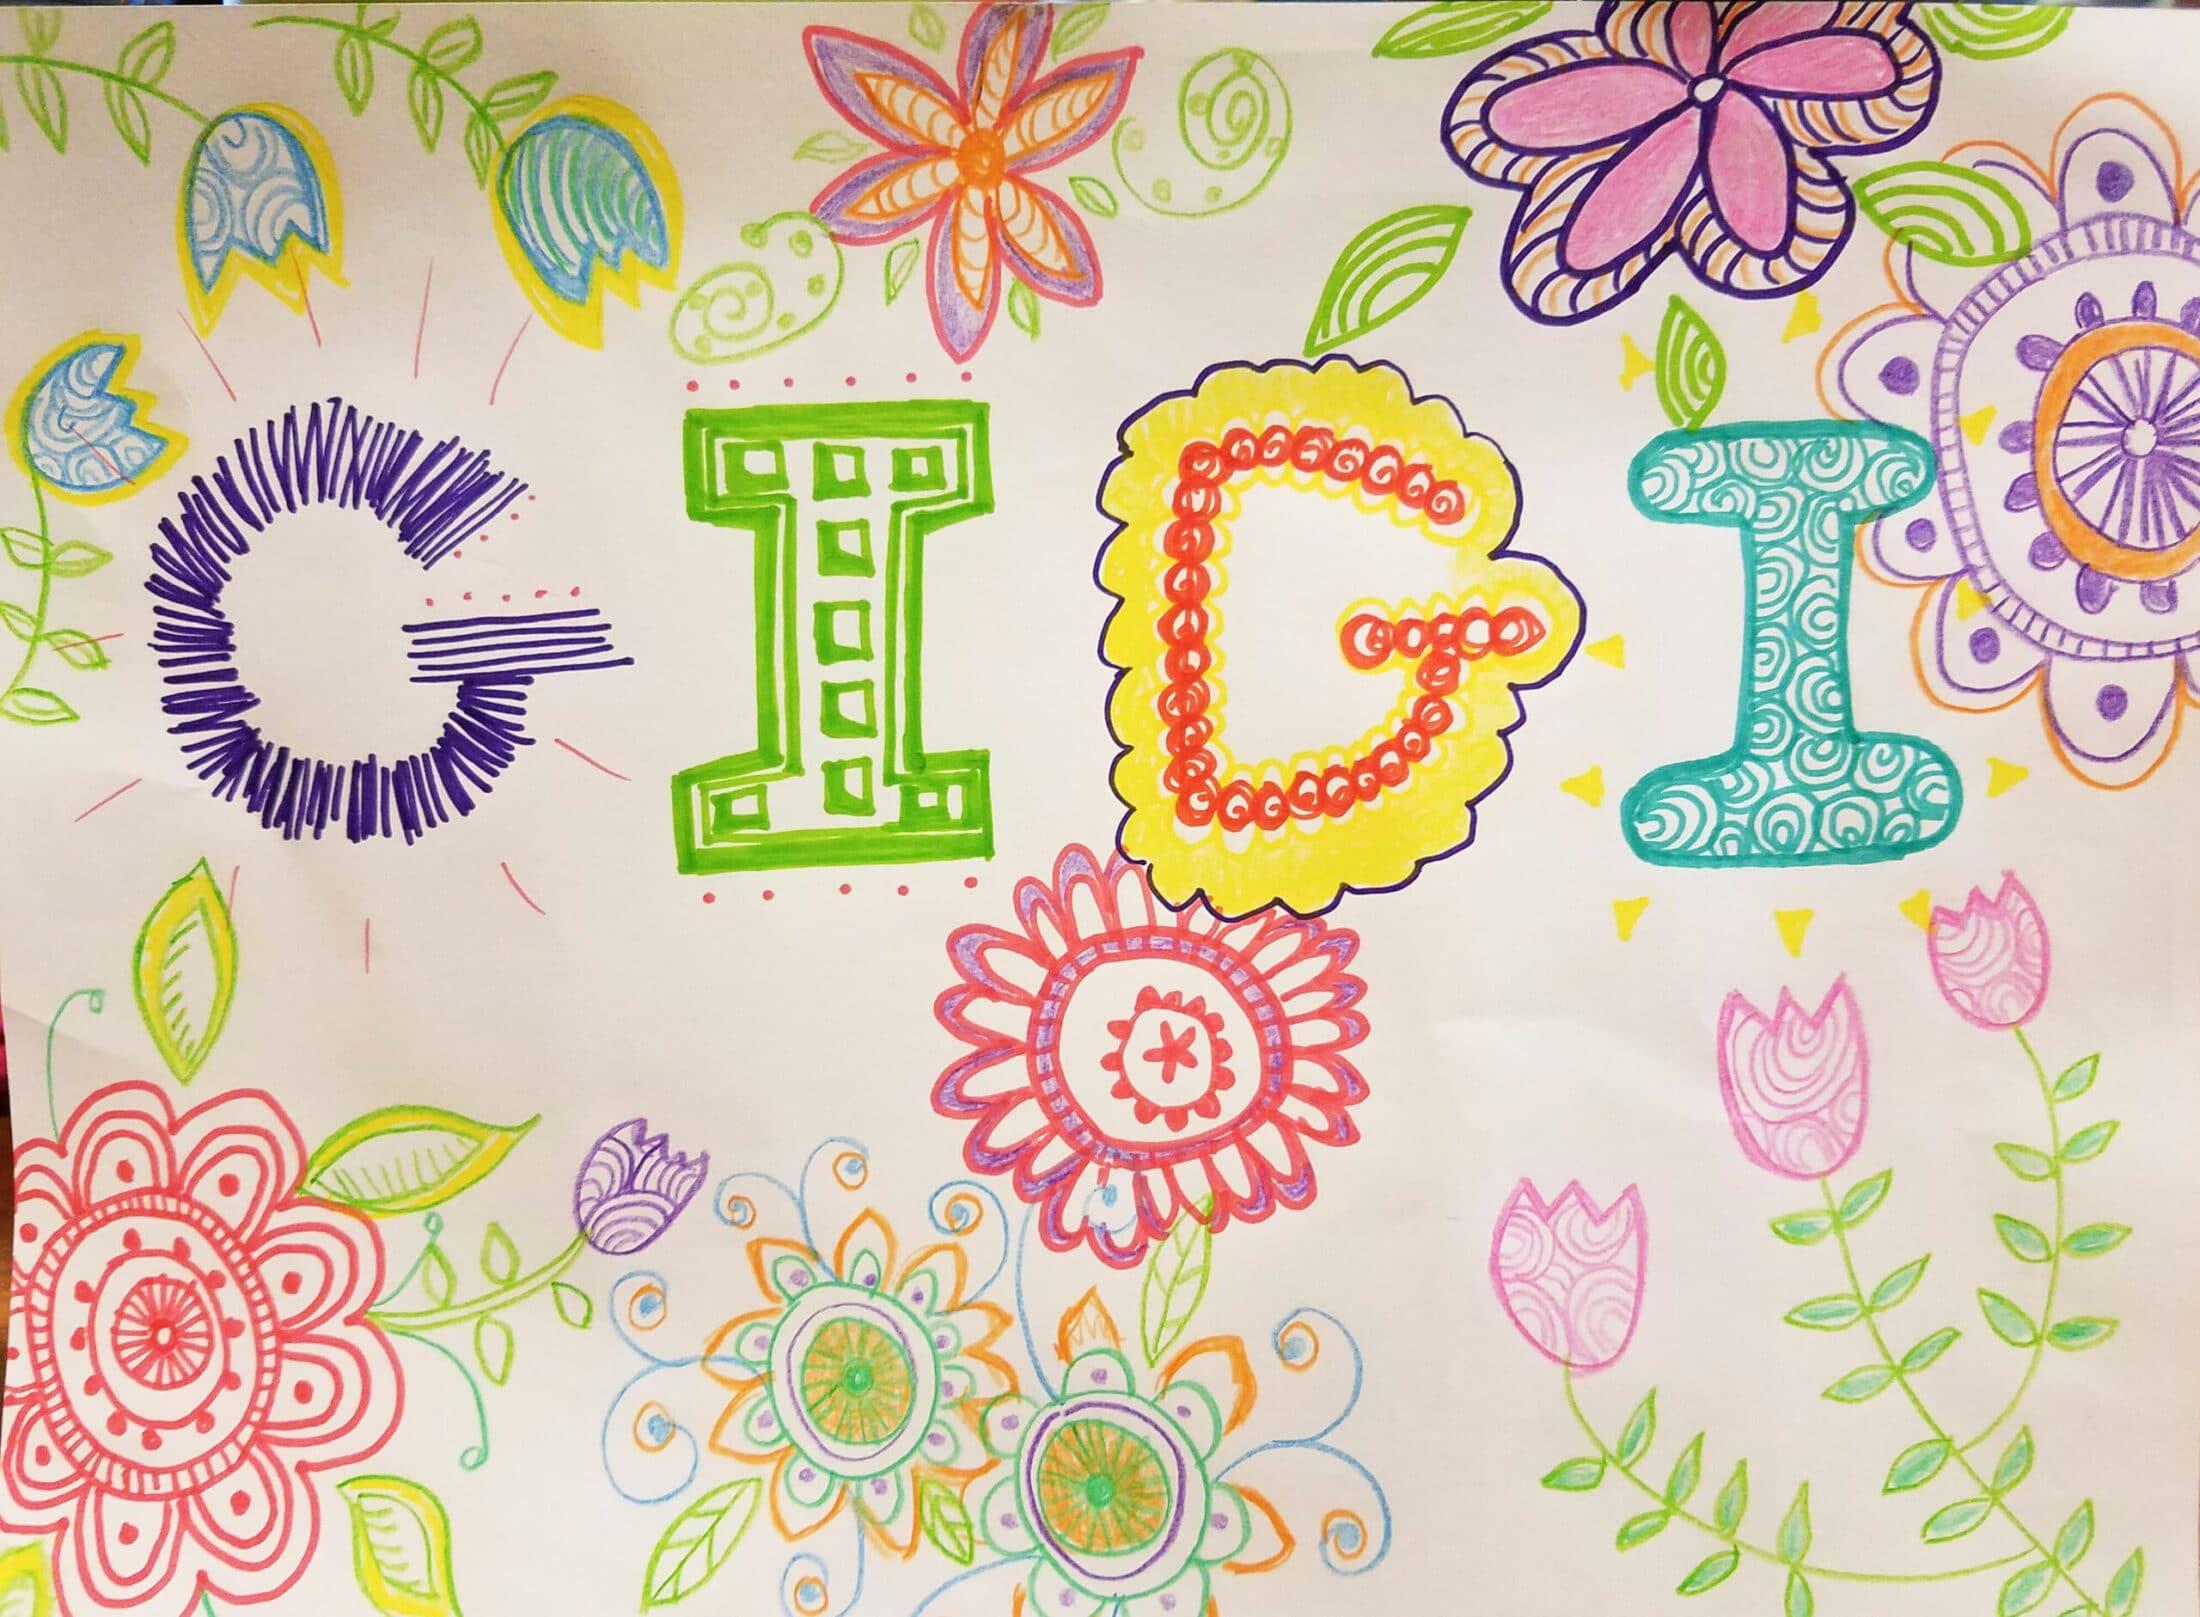 Gigi's Story